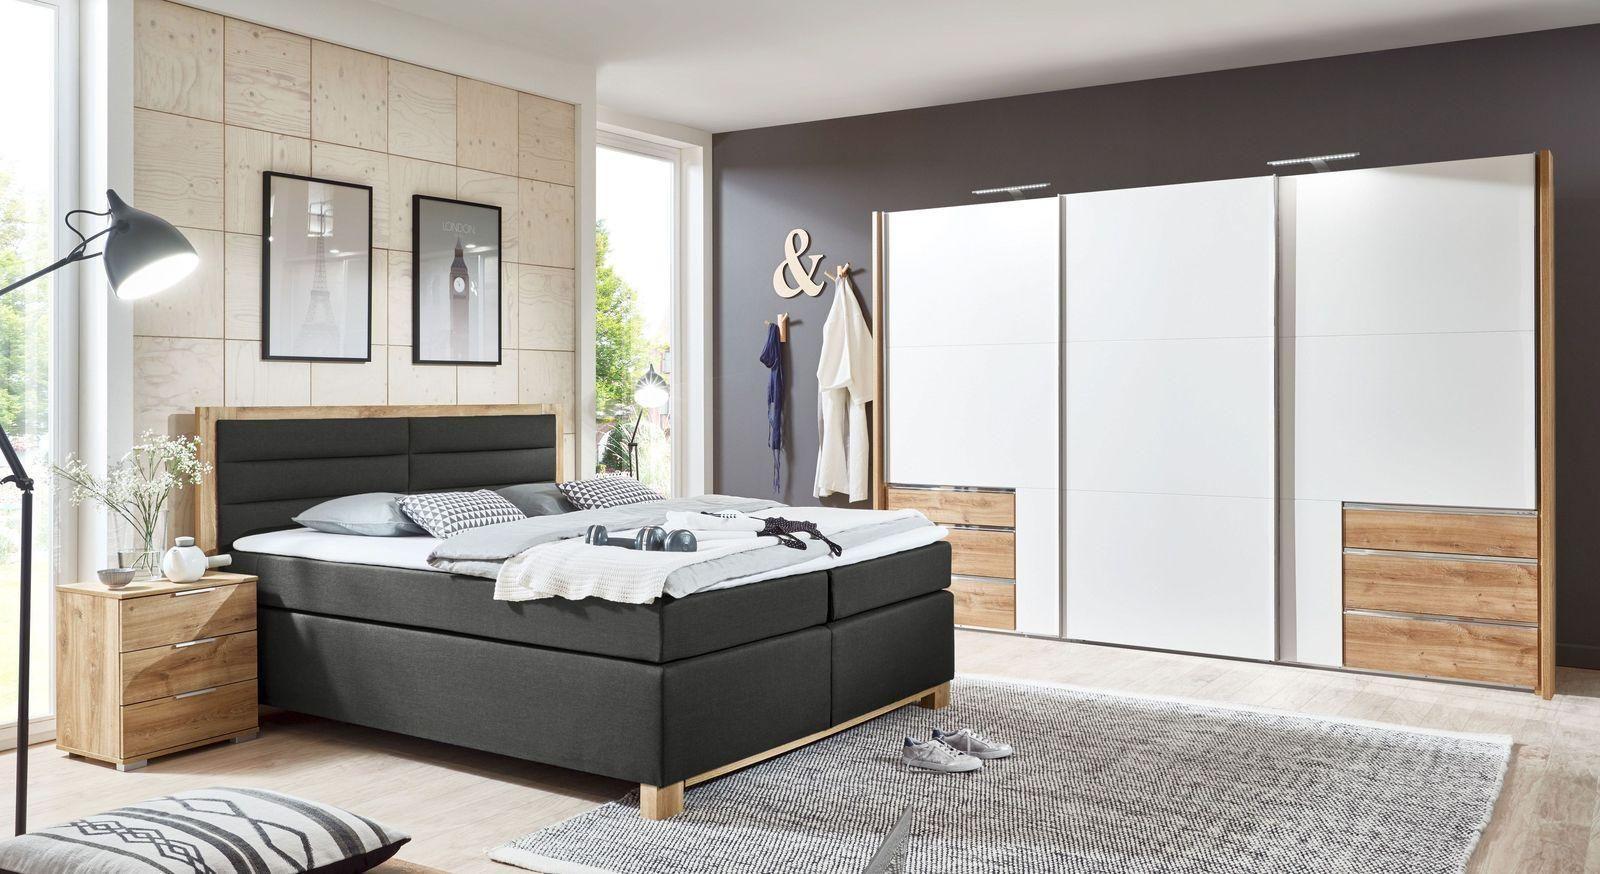 Schlafzimmer Ideen Xxl